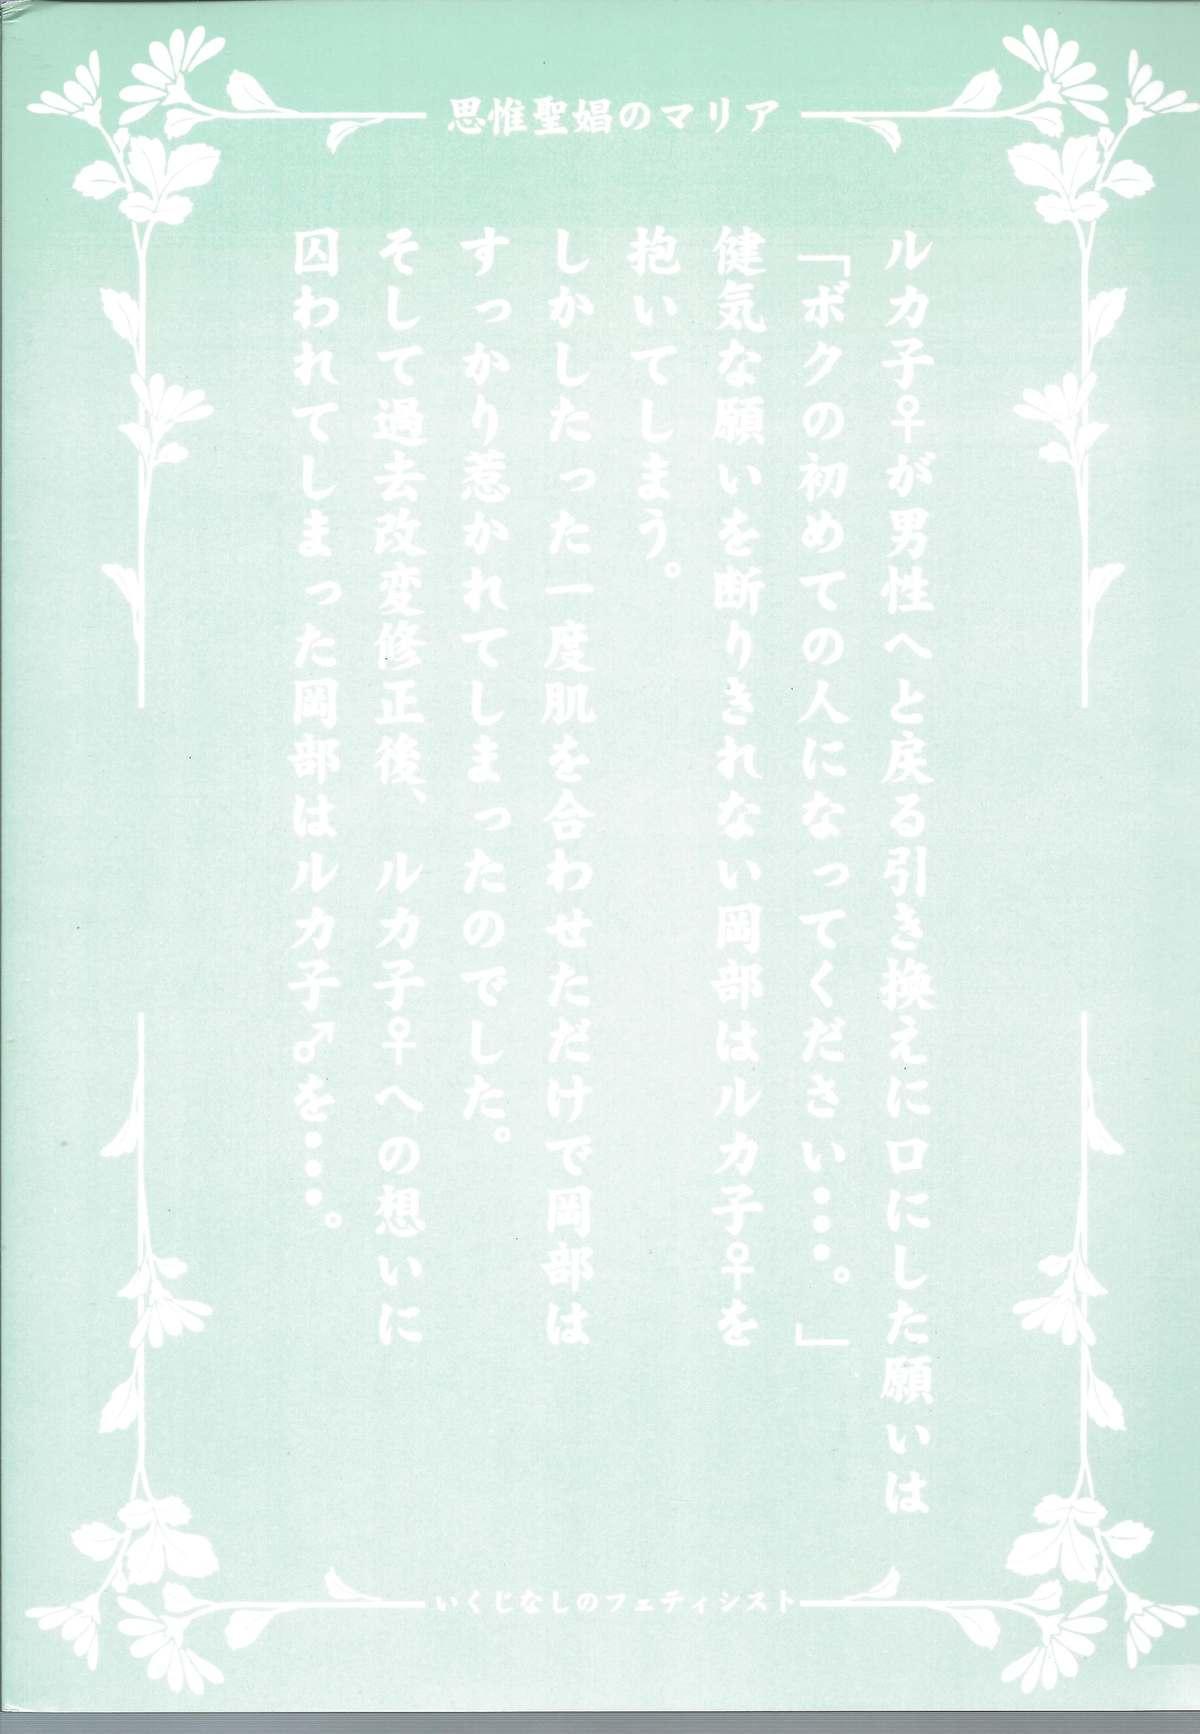 Shiiseishou no Maria 1